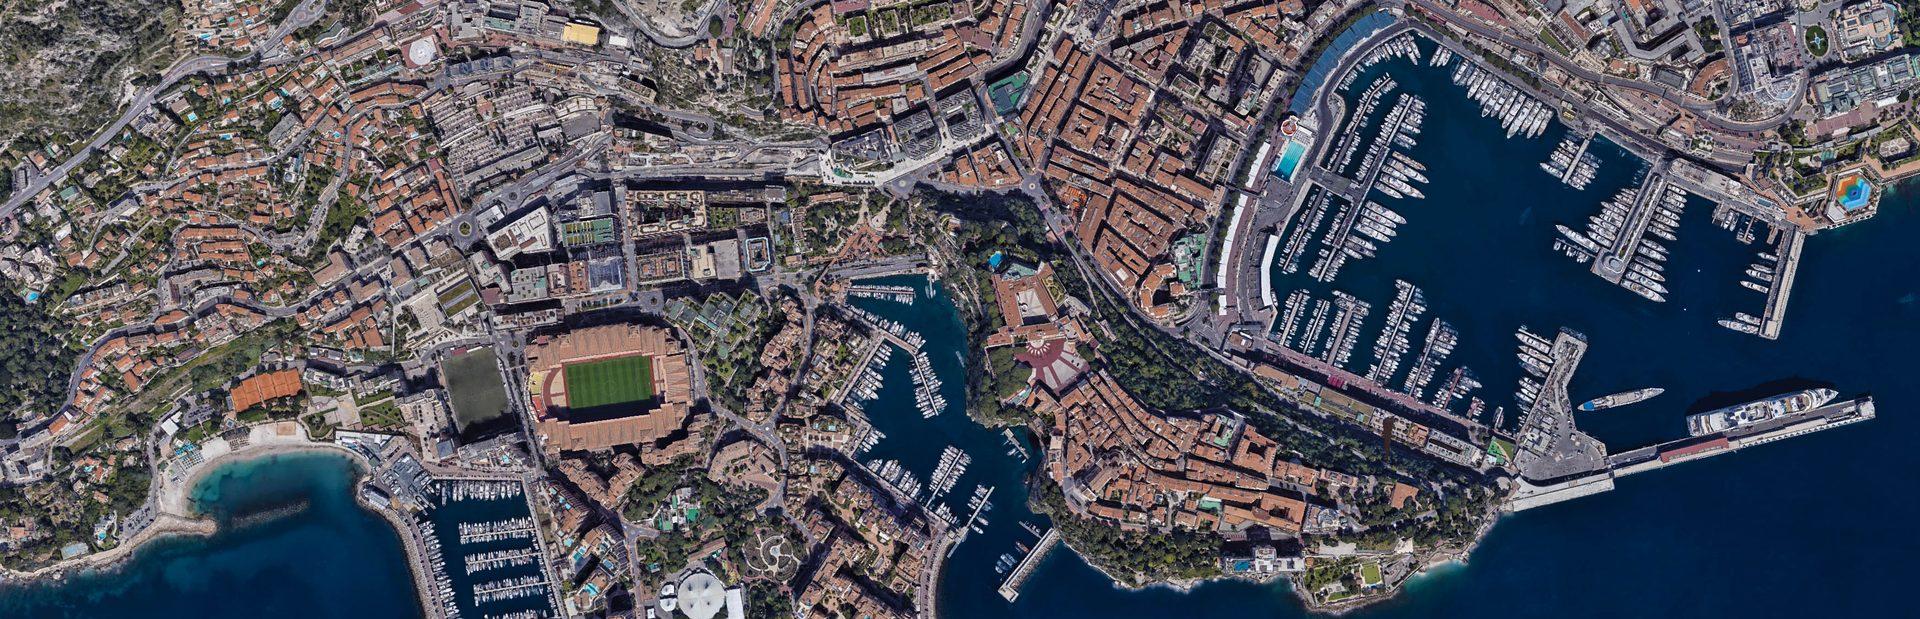 Monaco interactive map